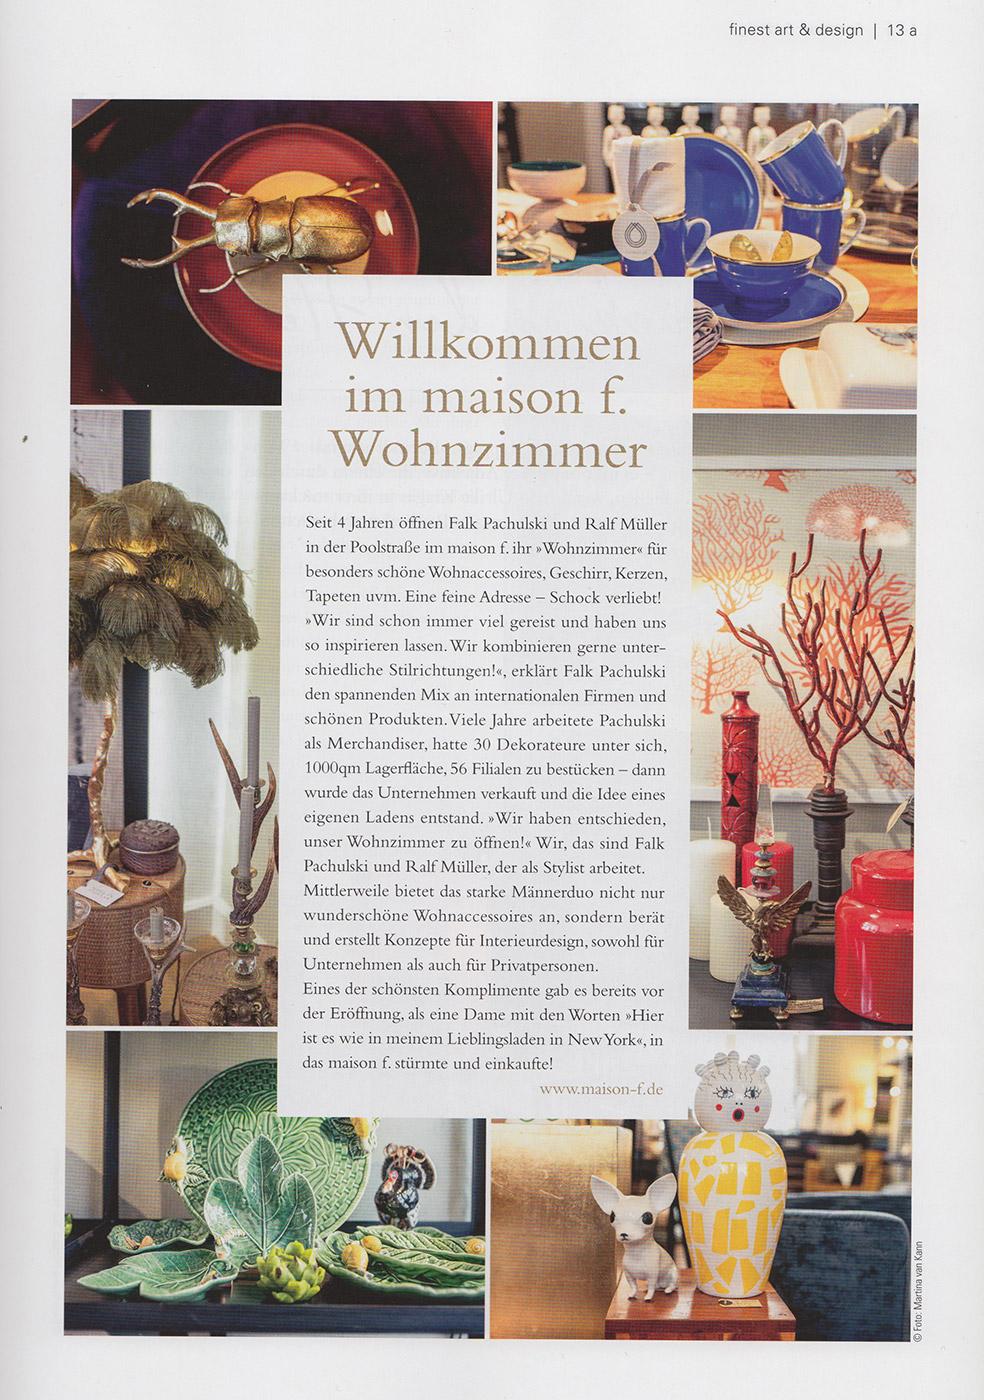 maison f. | CONCEPT & INTÉRIEUR | PRESSE